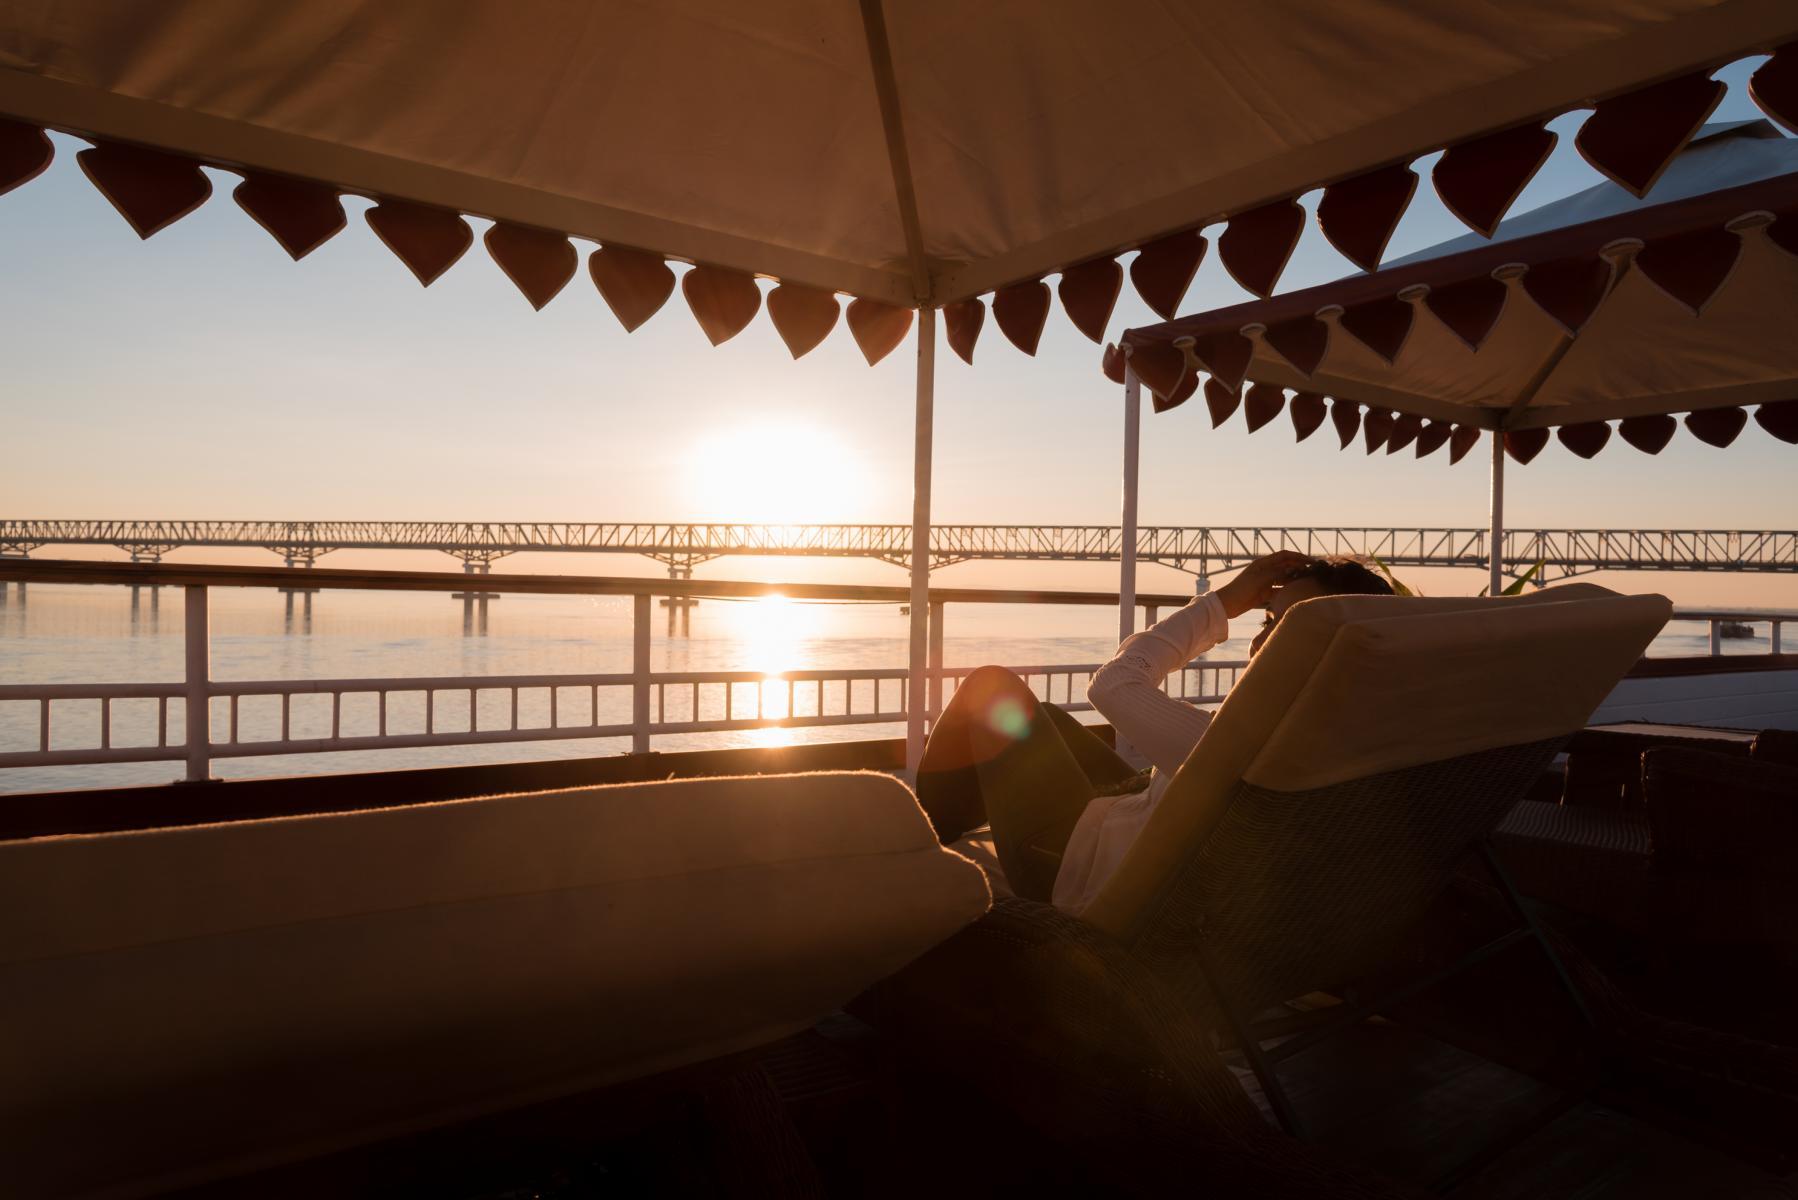 Sonnenuntergang an Deck auf der Anawrahta der Heritage Line in Myanmar